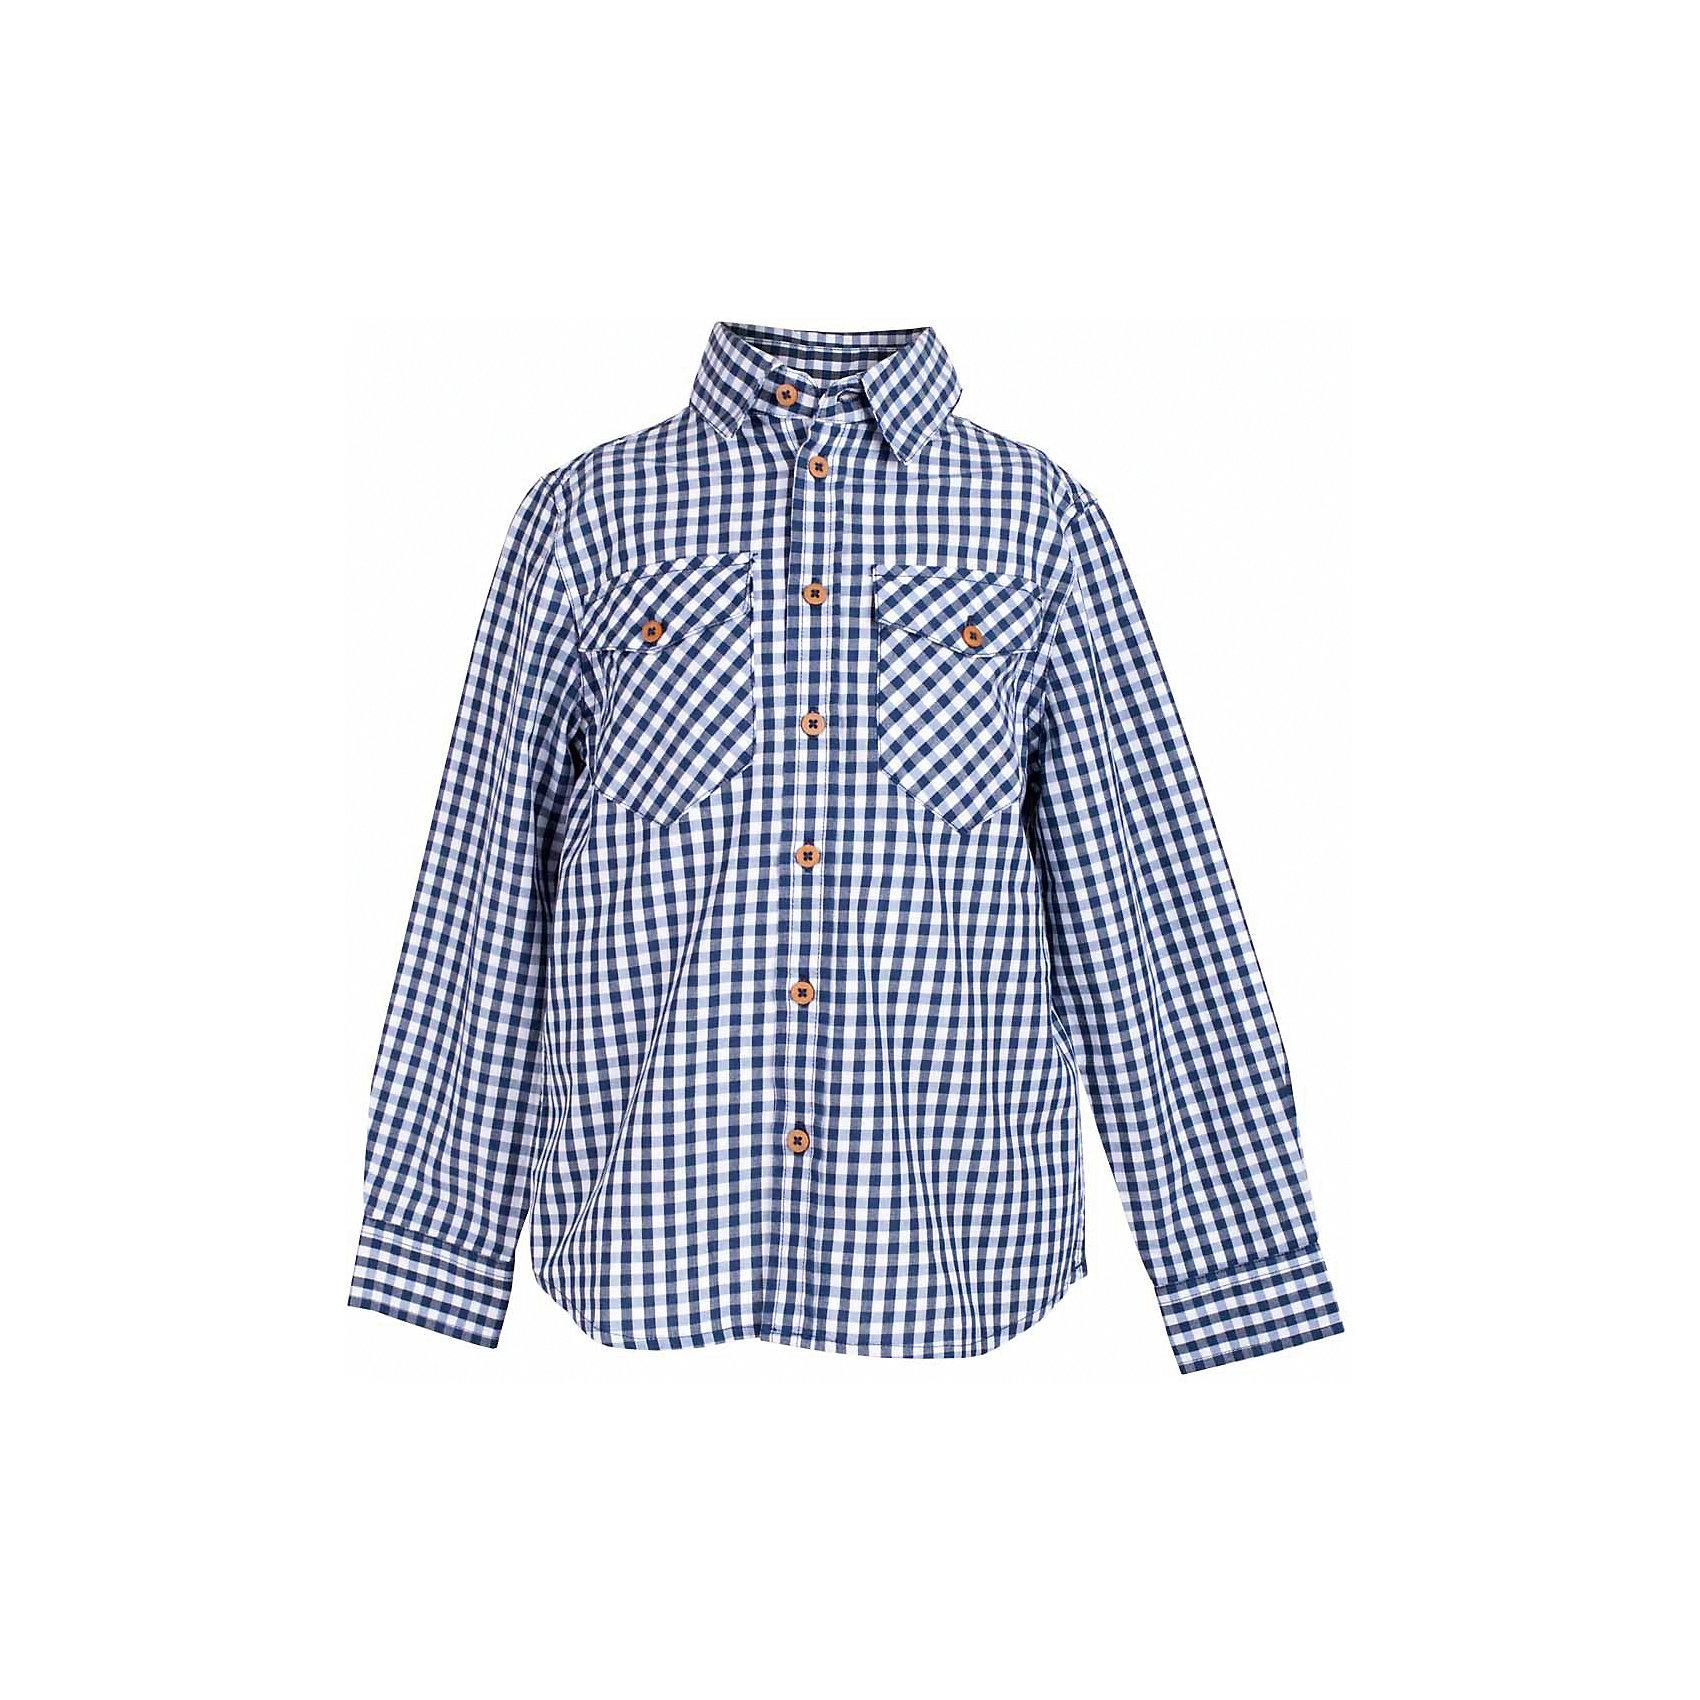 Рубашка для мальчика  BUTTON BLUEБлузки и рубашки<br>Рубашка для мальчика  BUTTON BLUE<br>Клетчатая рубашка - яркий акцент повседневного образа ребенка. Купить рубашку для мальчика стоит ранней весной, и сочетать ее с футболкой, толстовкой, джемпером, создавая модные многослойные решения. И для лета яркая рубашка в клетку из 100% хлопка - отличный вариант. С брюками, шортами, джинсами она будет выглядеть свежо и стильно!<br>Состав:<br>100%  хлопок<br><br>Ширина мм: 174<br>Глубина мм: 10<br>Высота мм: 169<br>Вес г: 157<br>Цвет: синий<br>Возраст от месяцев: 24<br>Возраст до месяцев: 36<br>Пол: Мужской<br>Возраст: Детский<br>Размер: 158,152,146,140,134,128,122,116,110,104,98<br>SKU: 5524464